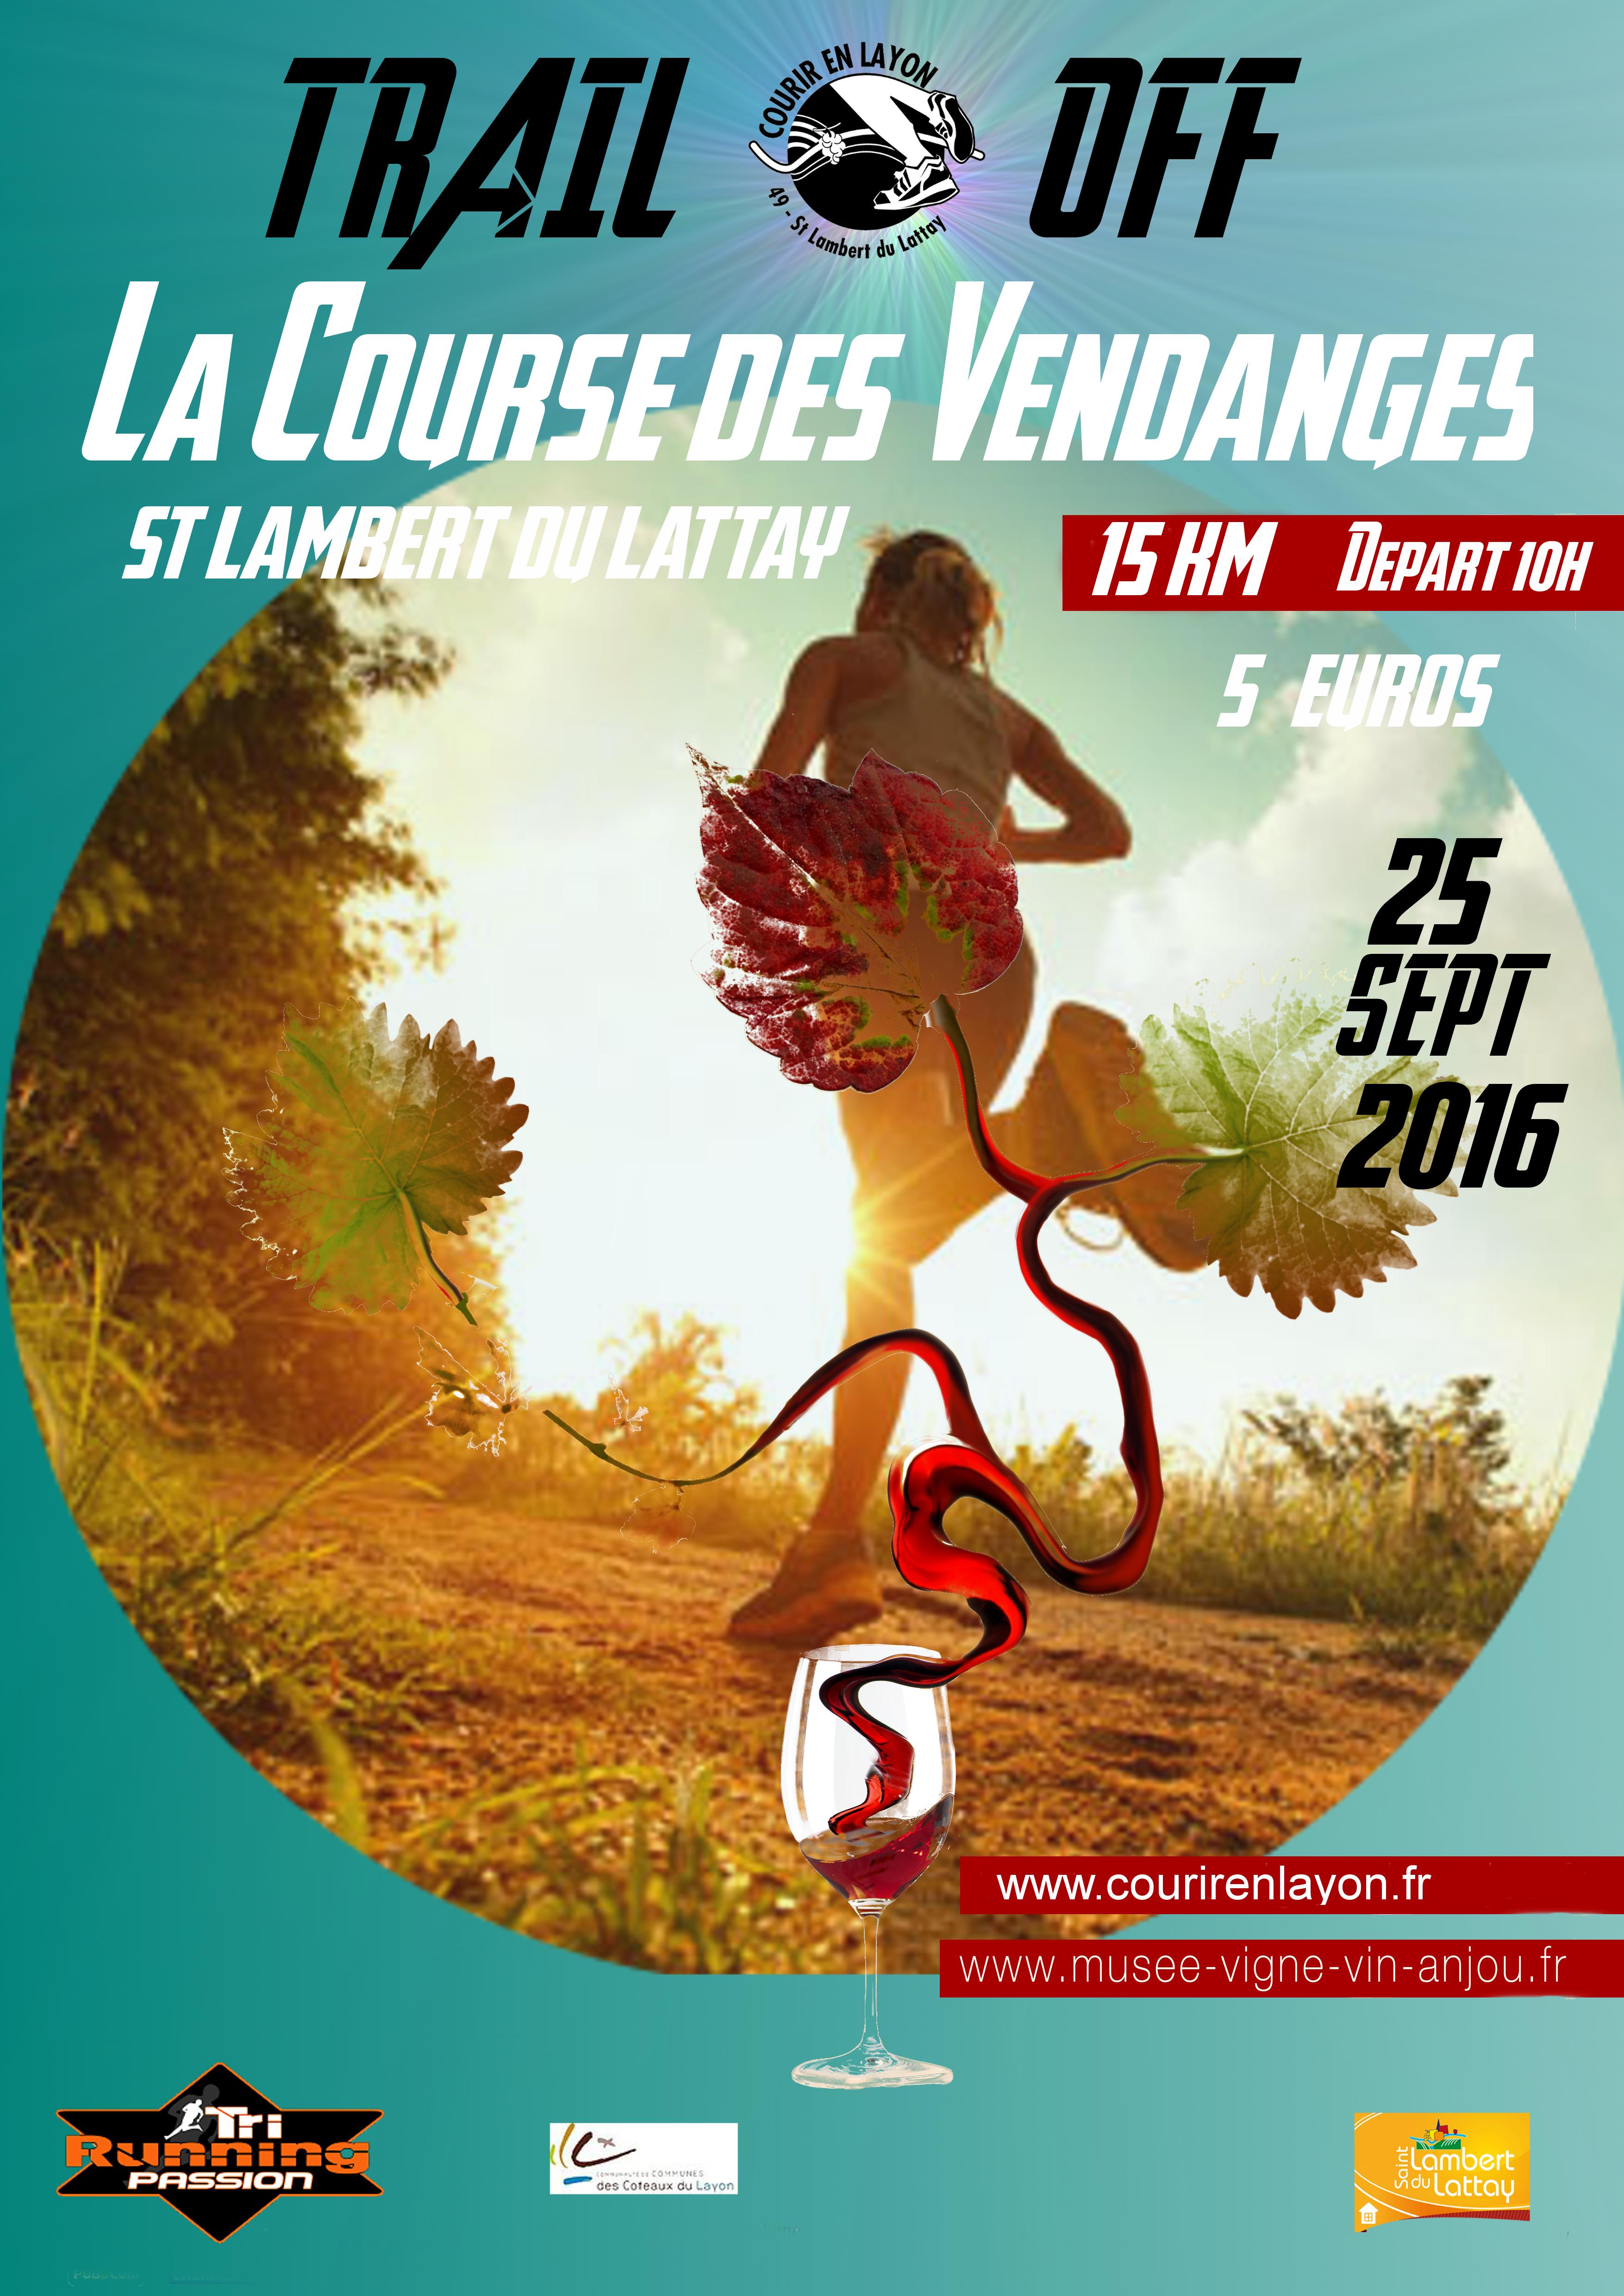 Course des Vendanges 2016